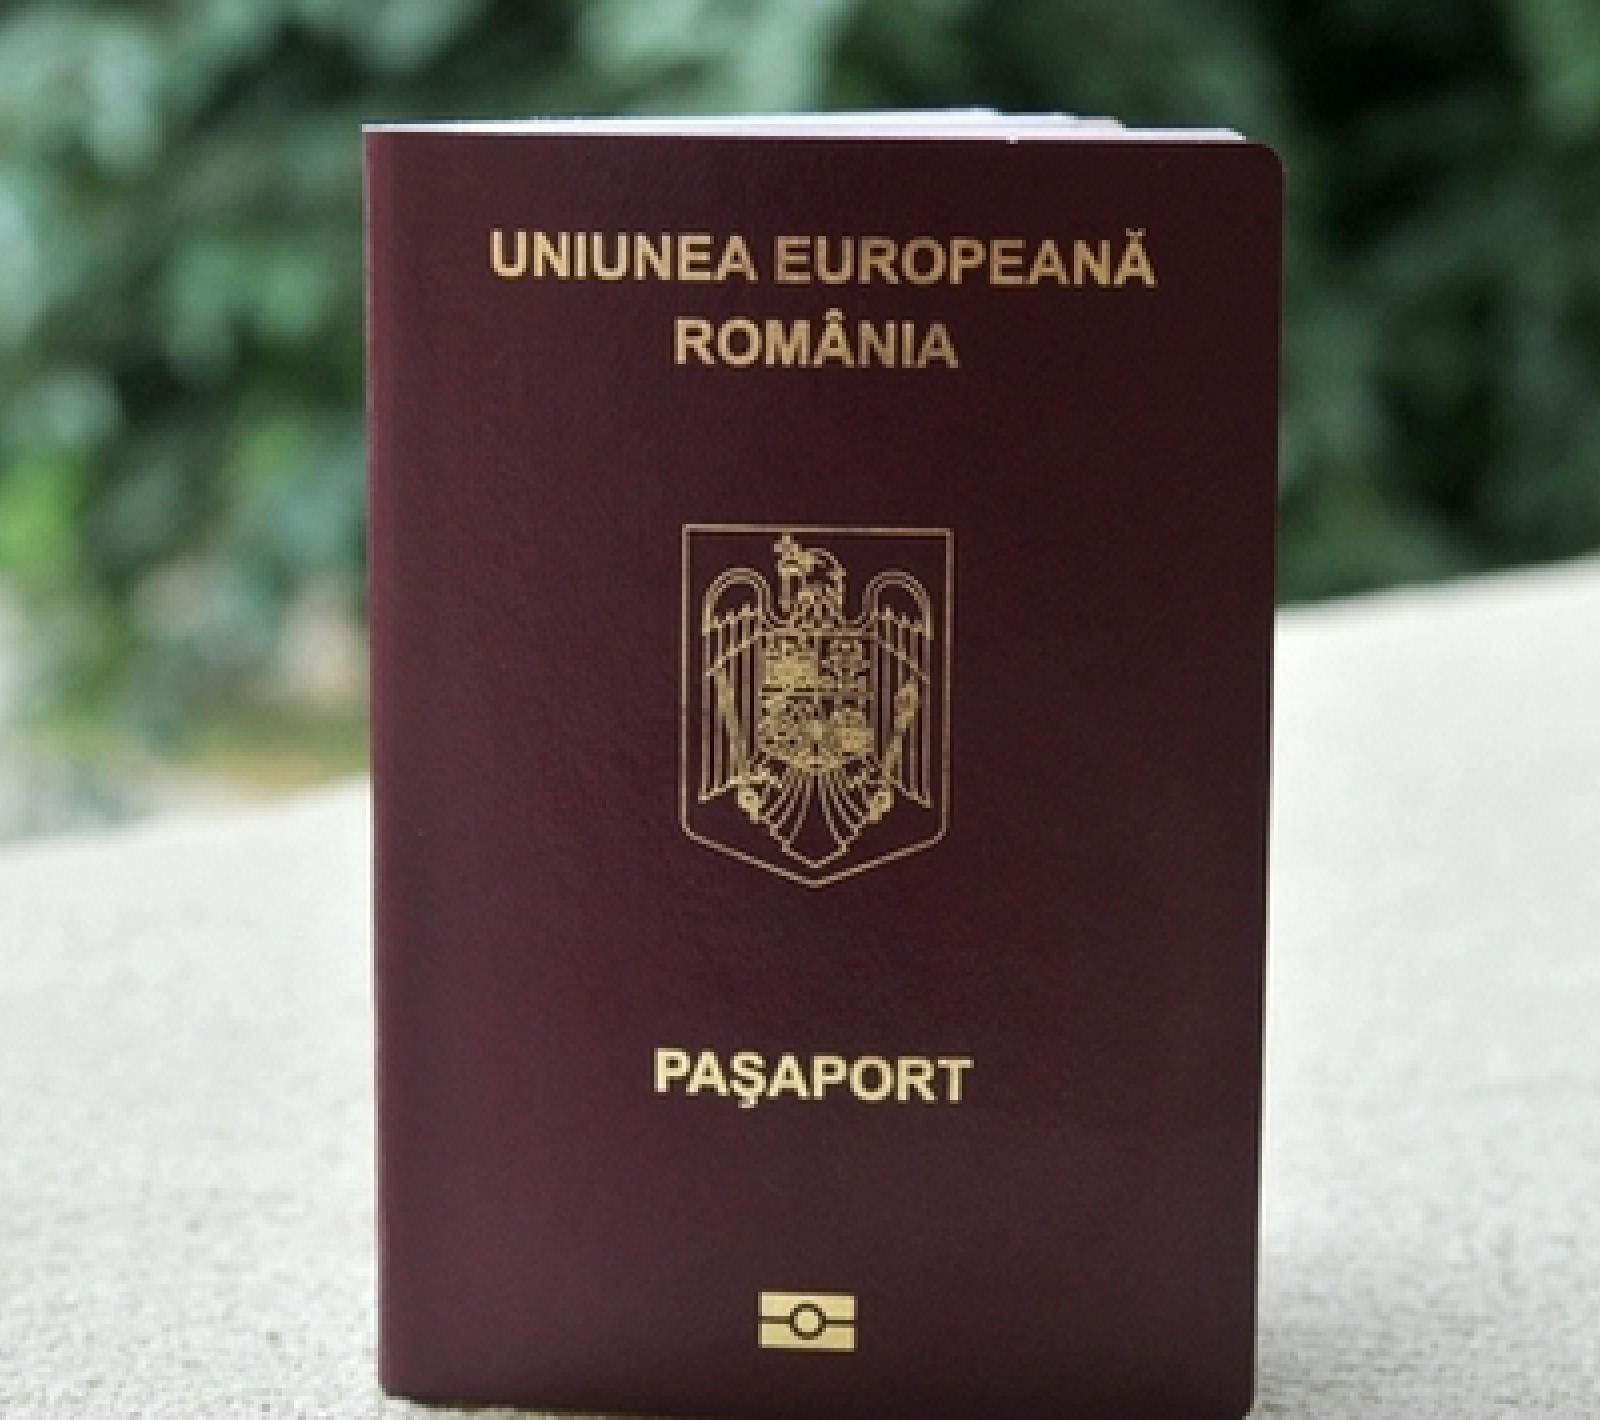 Senatul României a decis: Termenul de valabilitate al pașapoartele românești va fi extins până la 10 ani